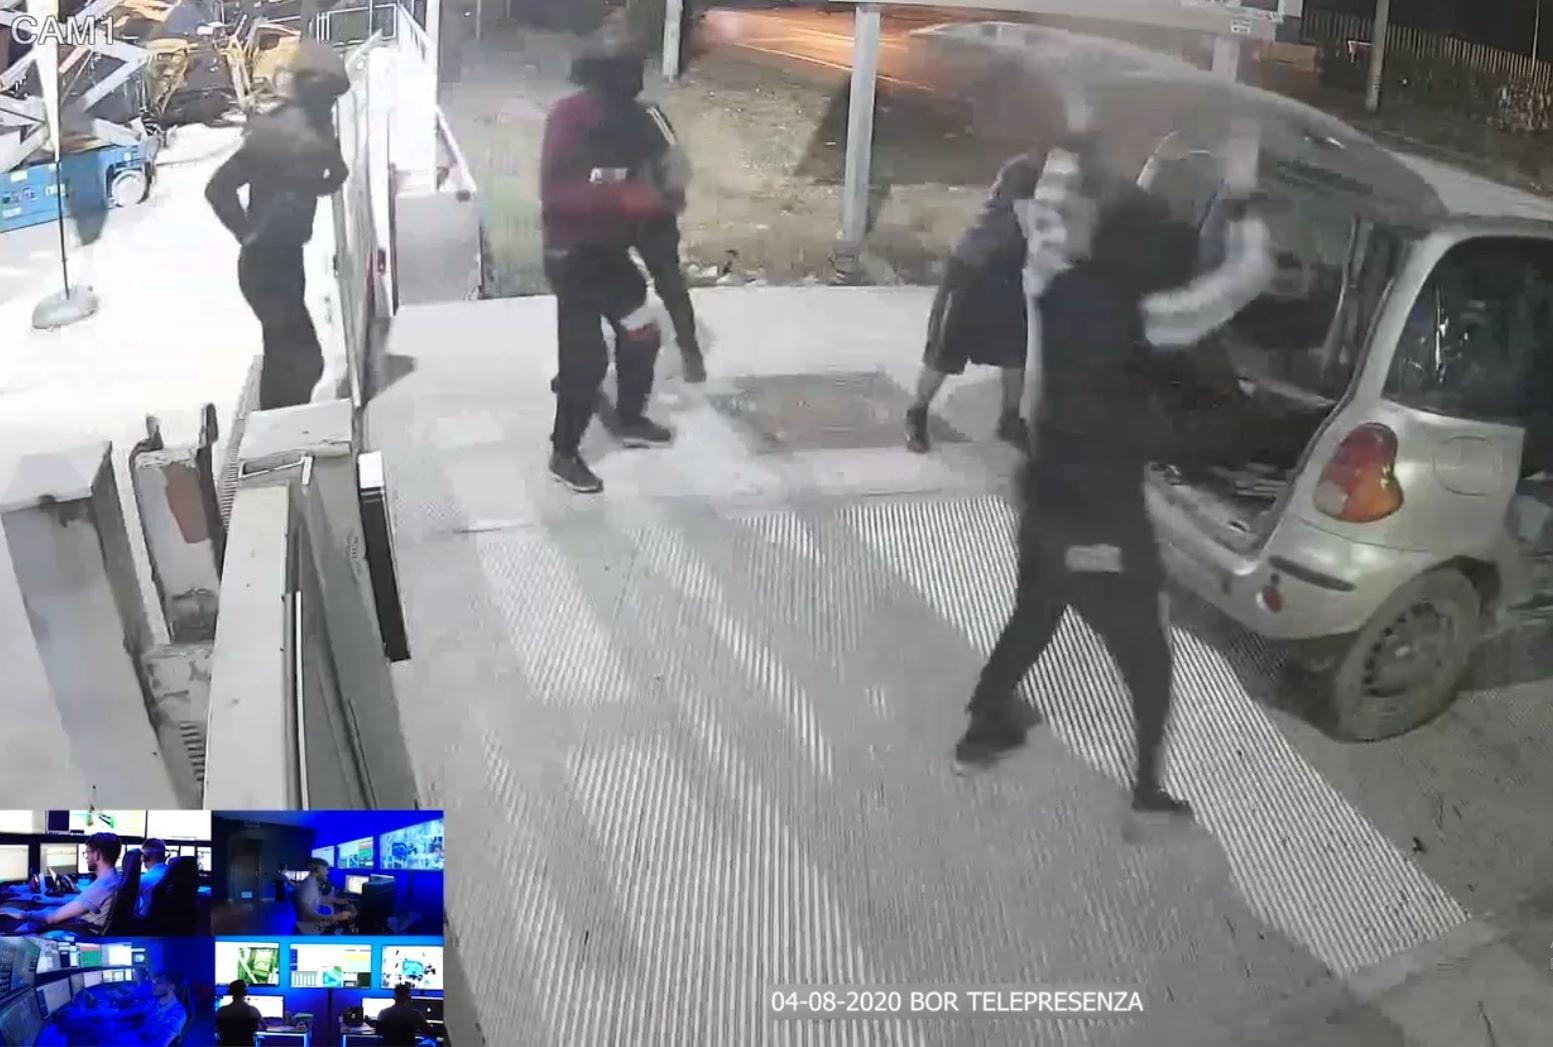 Cosa può rubare una banda di ladri con una macchina?